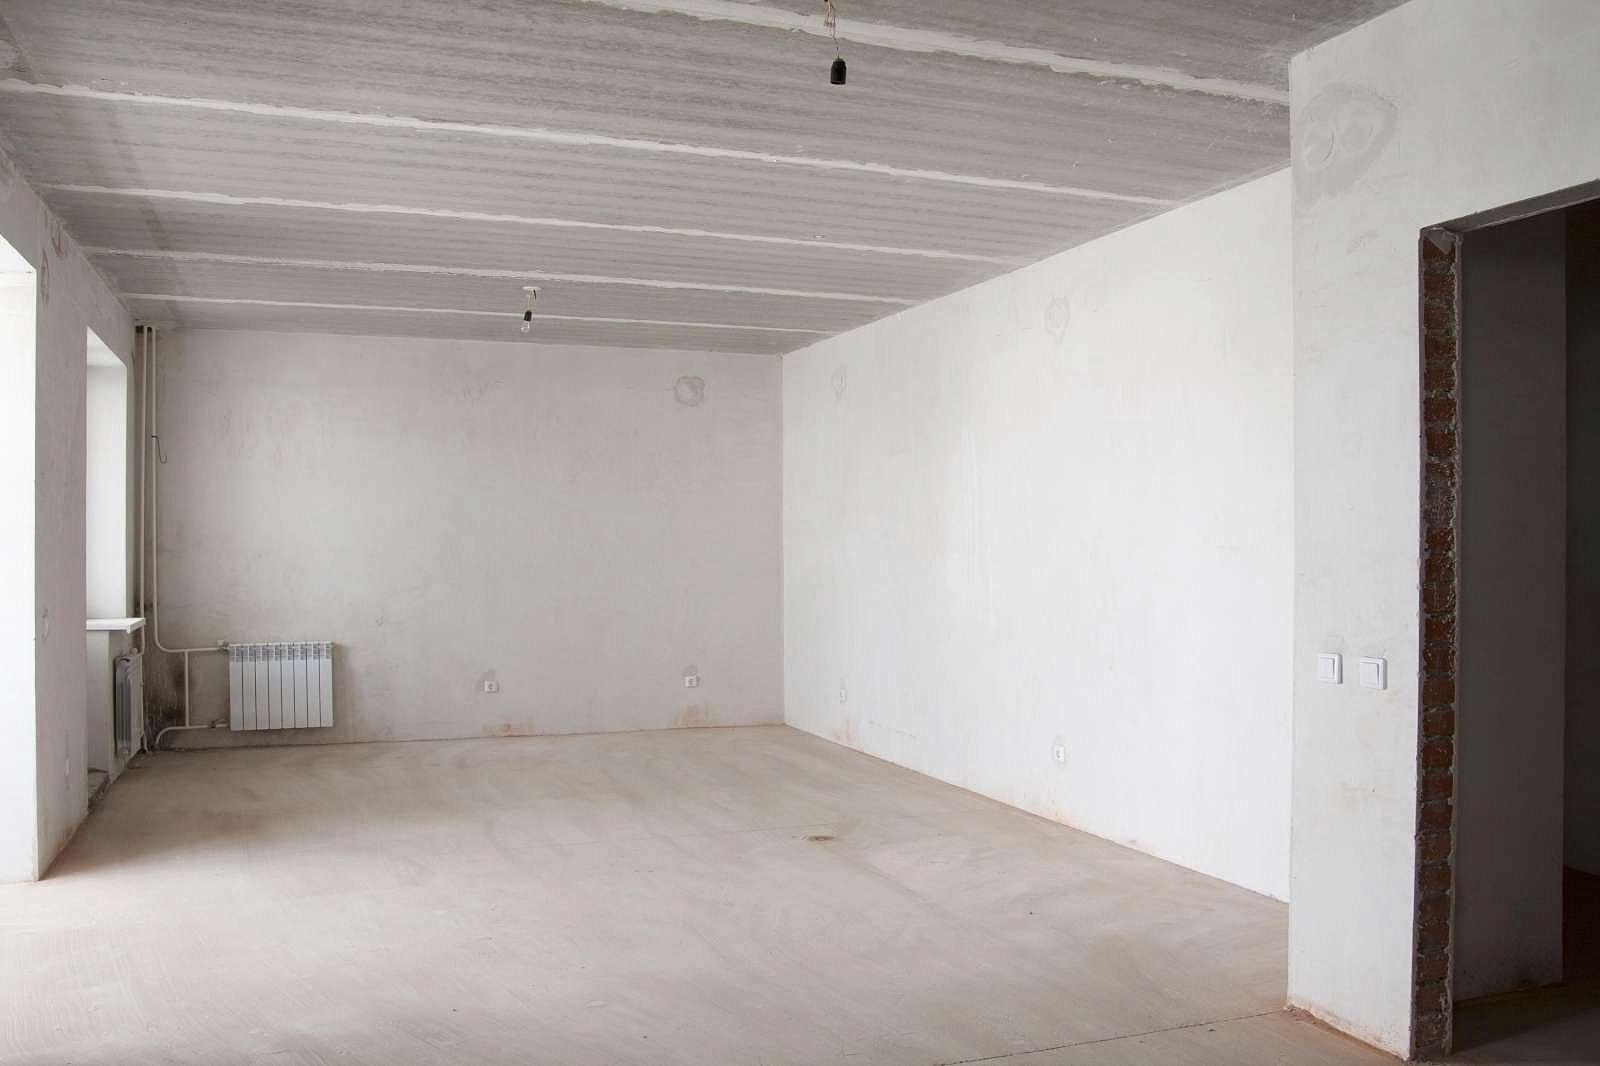 Ремонт квартир в Москве - Срок работ от 3 дней, цена от